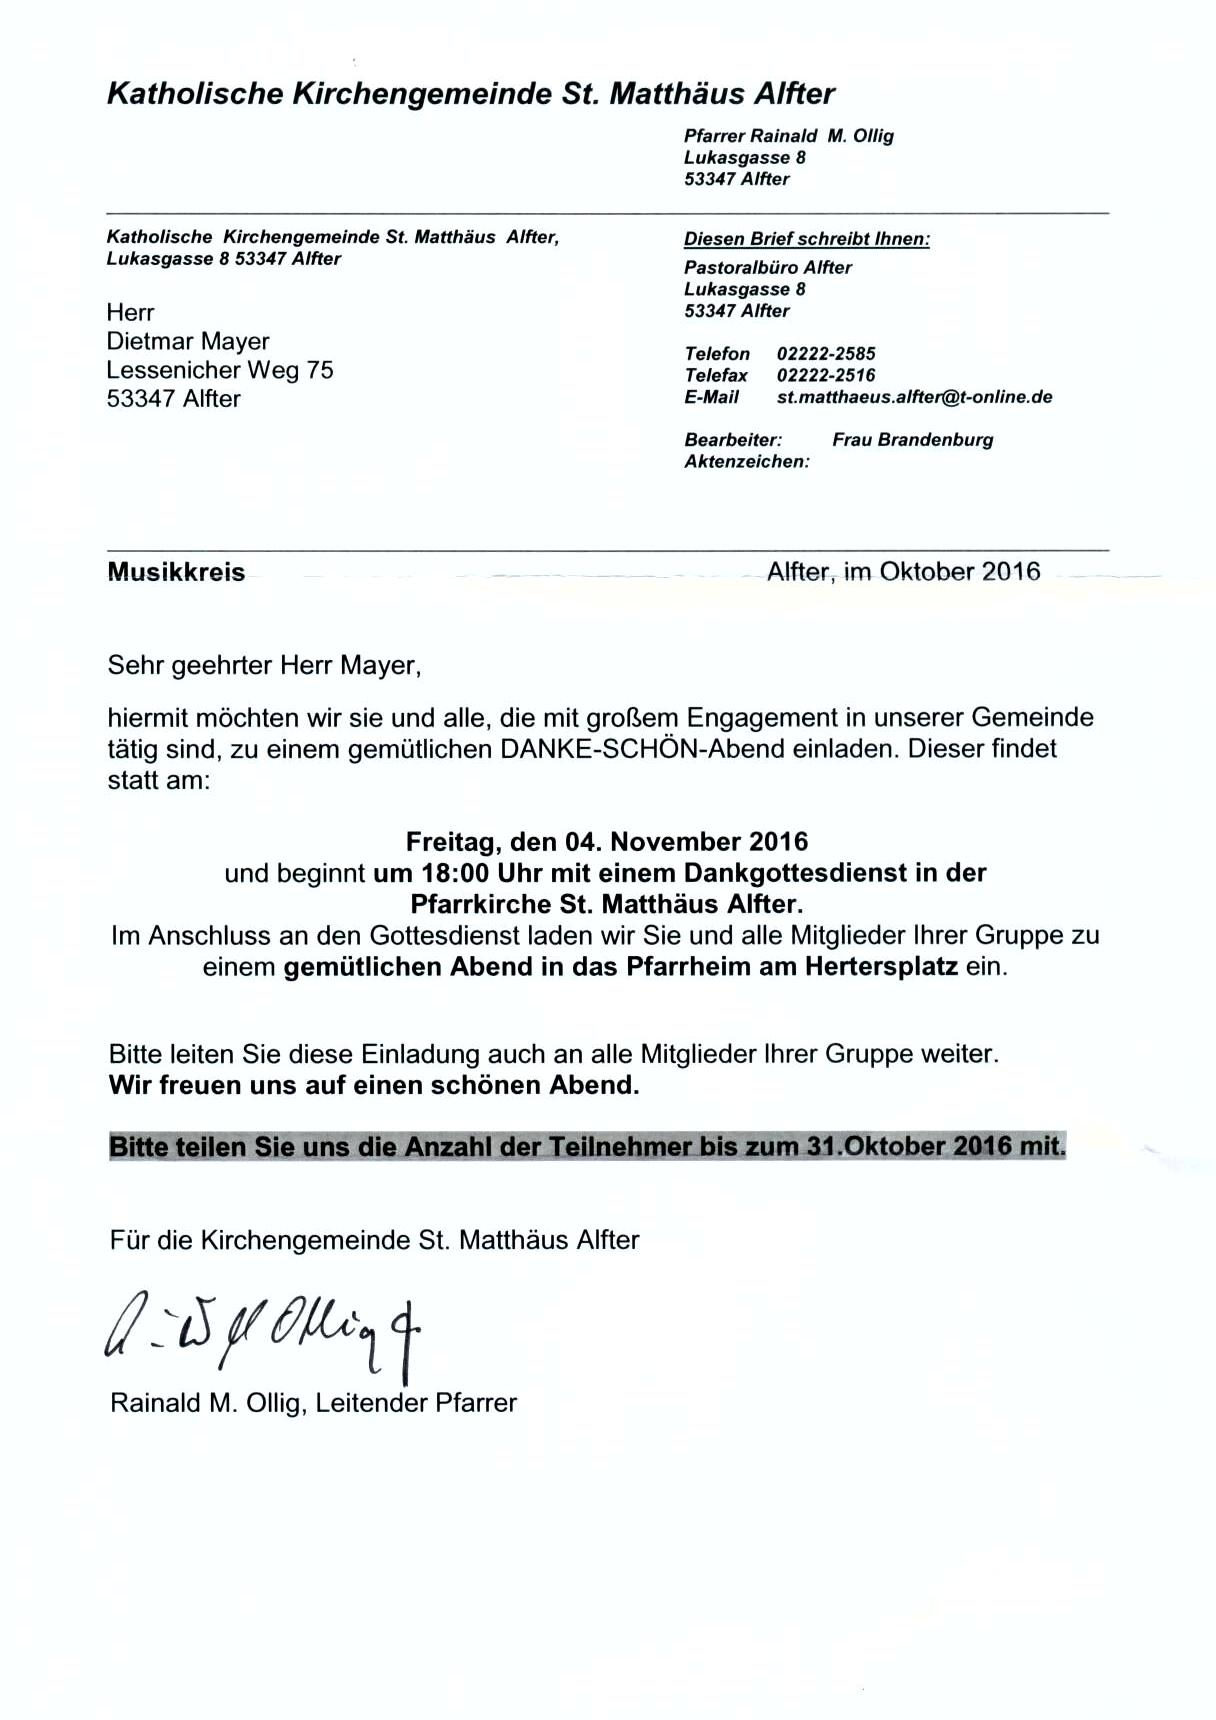 Einladung Danke-Schön-Abend-2016